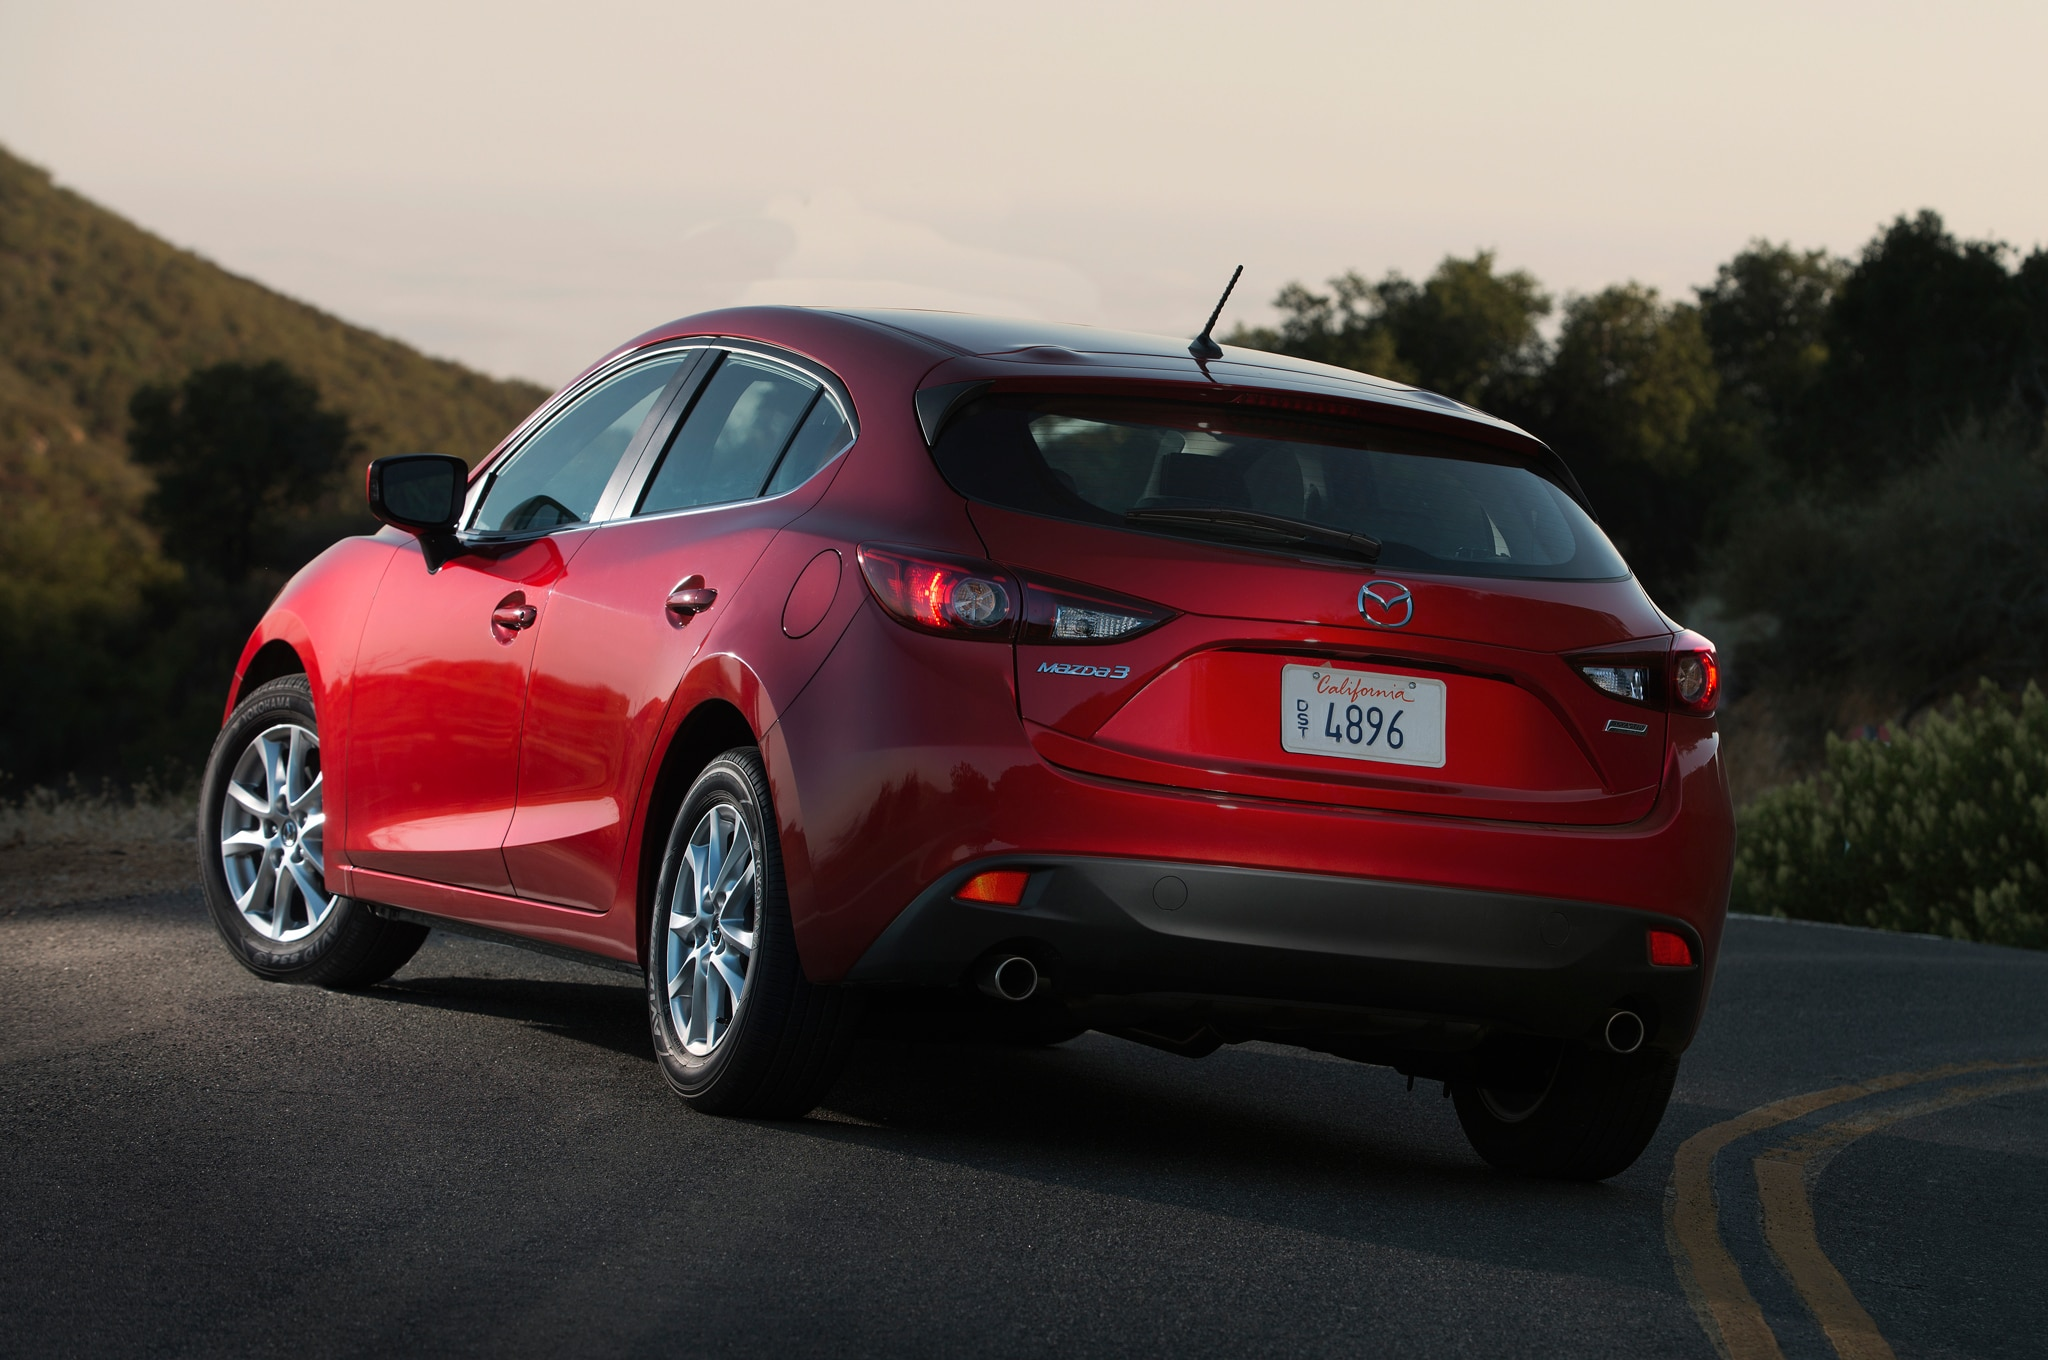 2014 Mazda 3 Rear Angle1